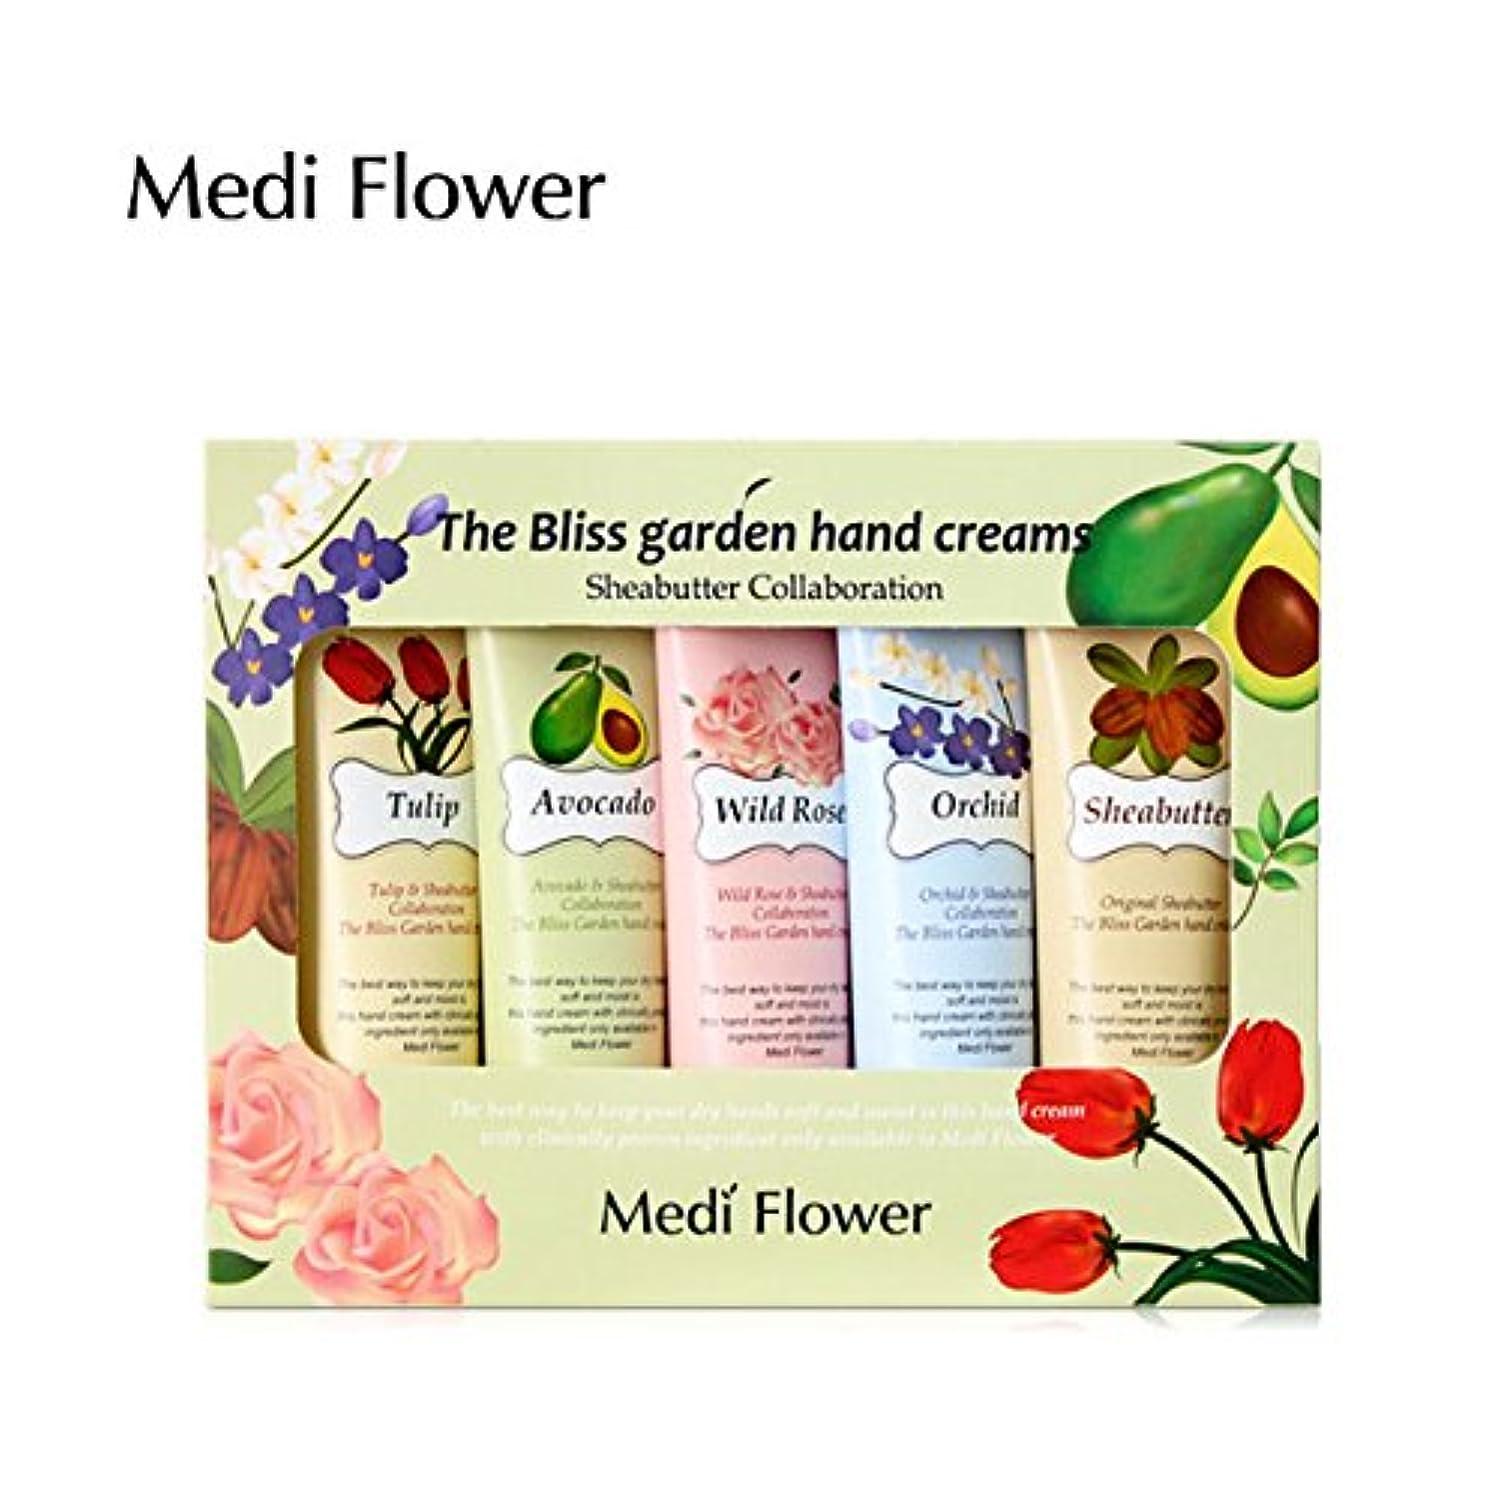 モトリーインク痛み[MediFlower] ザ?ブリスガーデン?ハンドクリーム?シアバターコラボレーション 50g x 5個セット / The Bliss Garden Hand Creams (Sheabutter Collaboration)